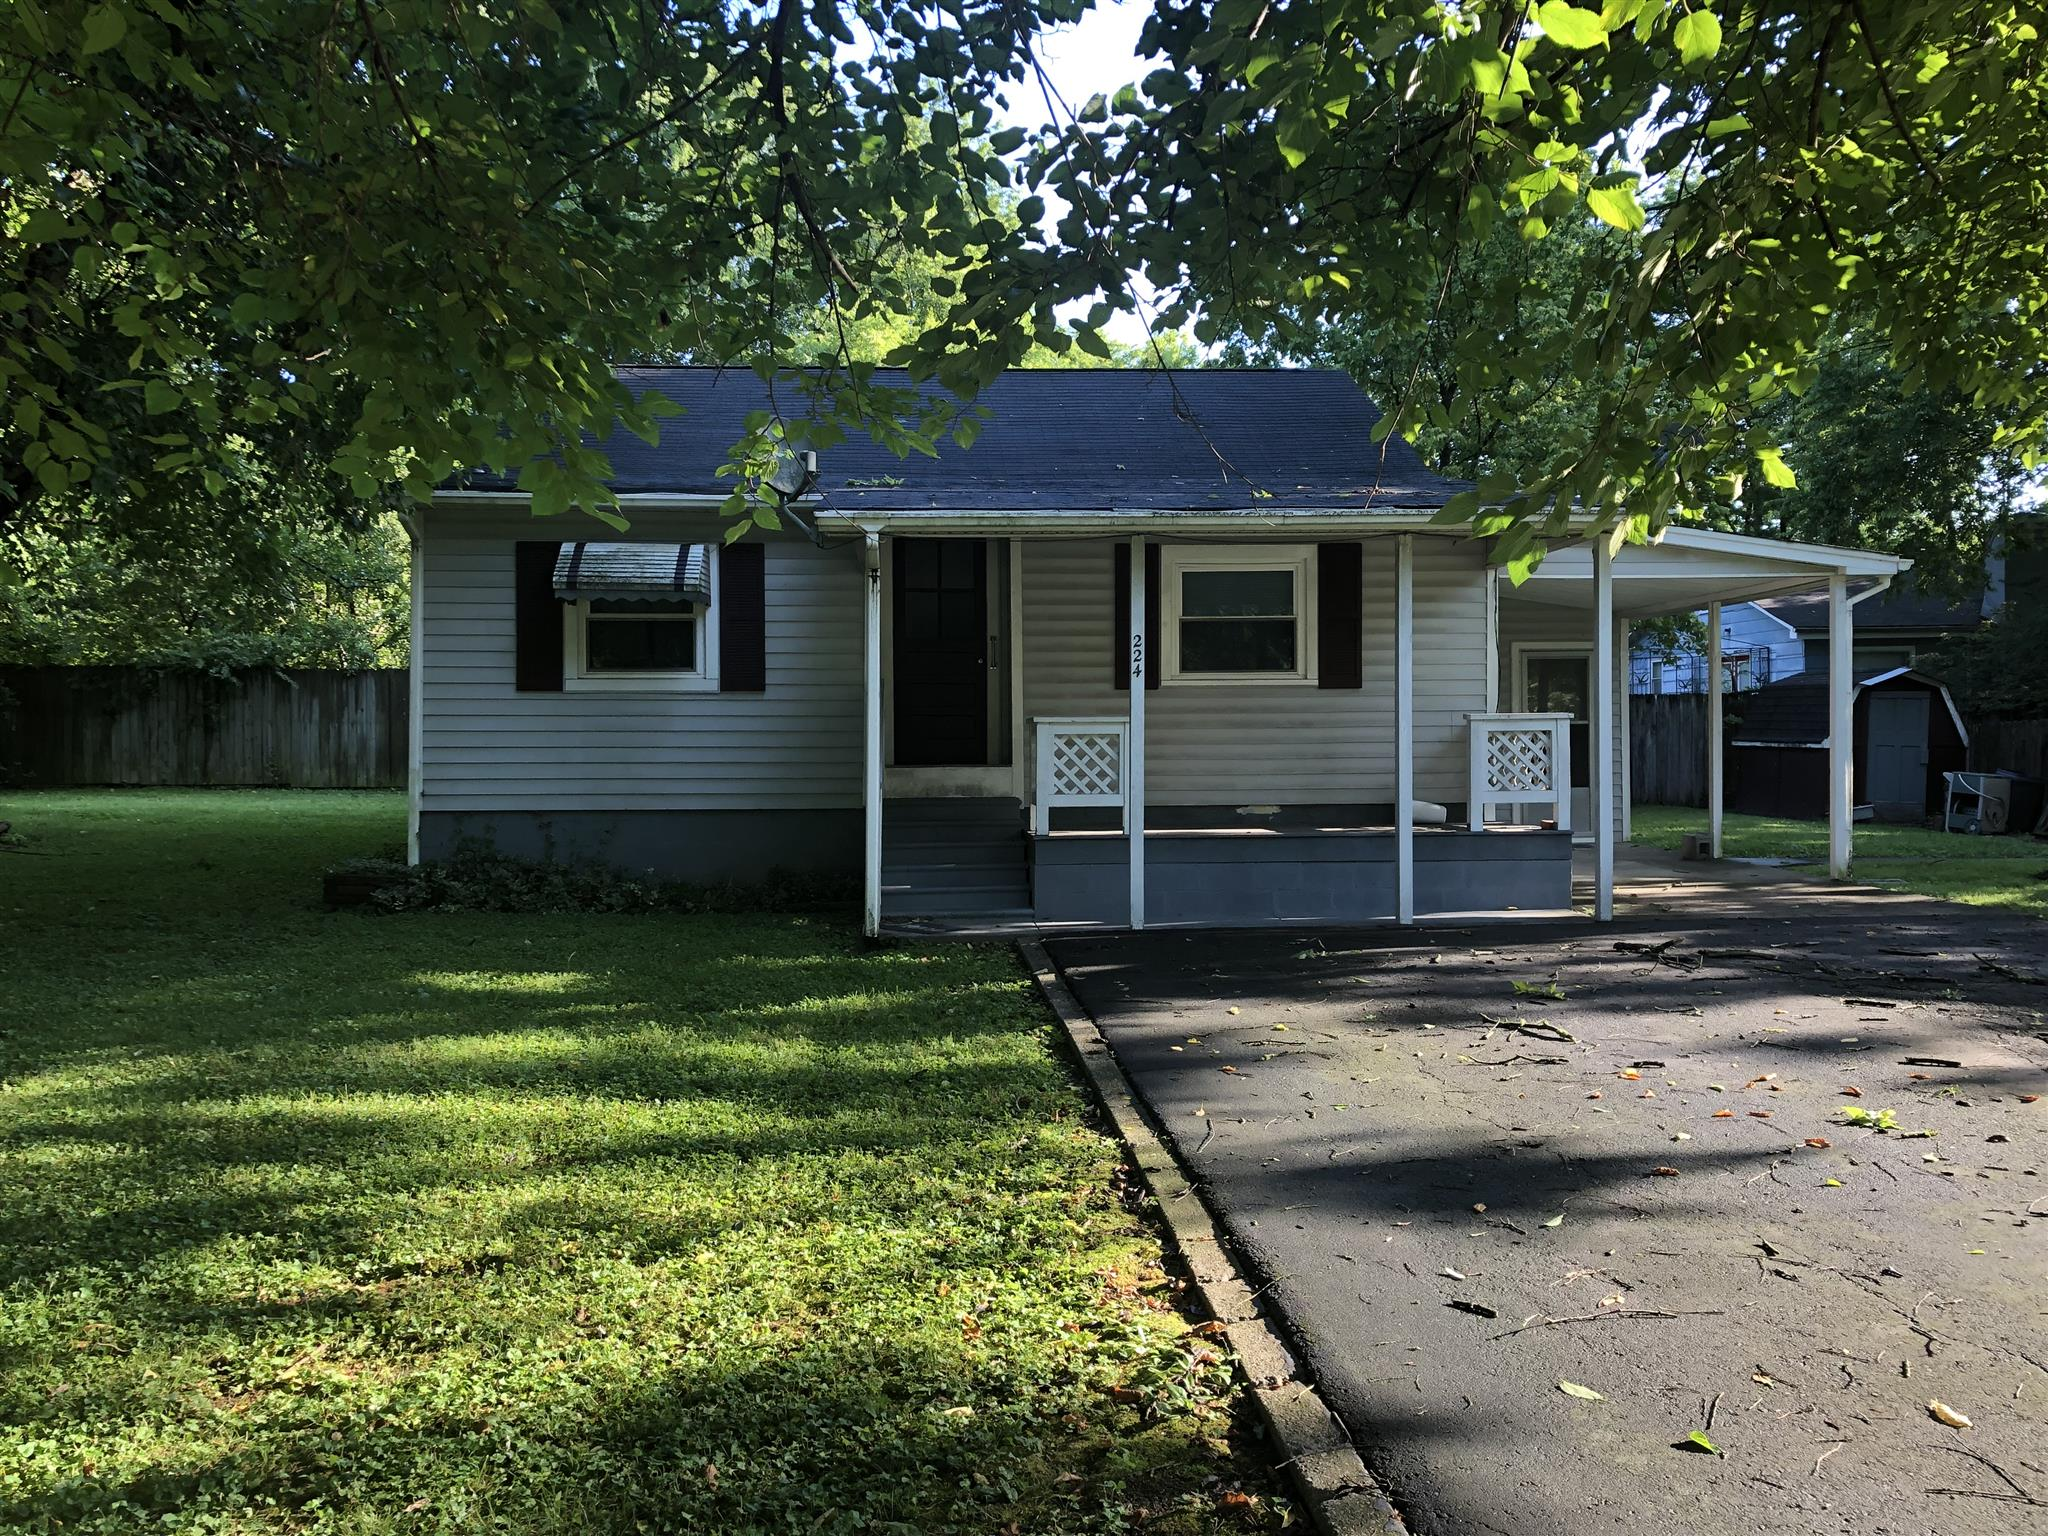 224 Nokes Dr, Hendersonville, TN 37075 - Hendersonville, TN real estate listing